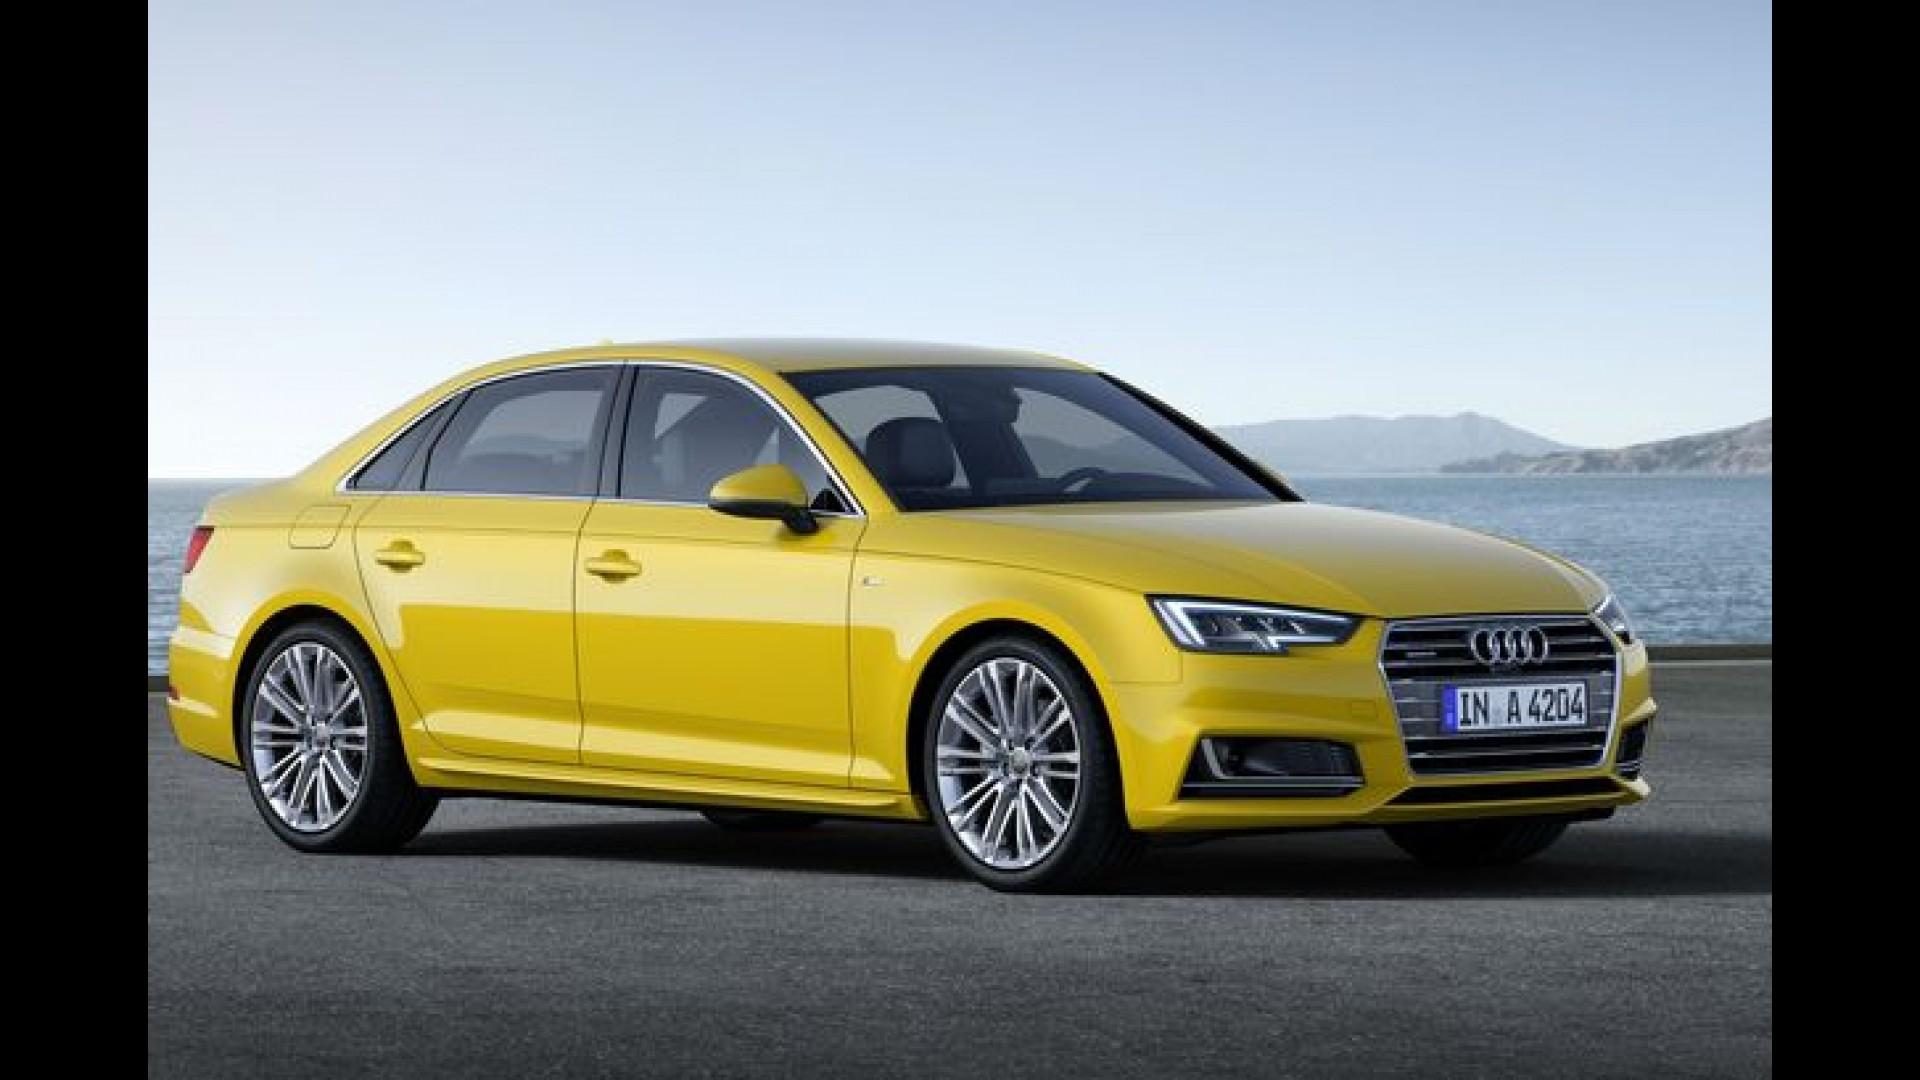 Frankfurt Motor Show'da Hangi Yeni Otomobilleri Göreceğiz?